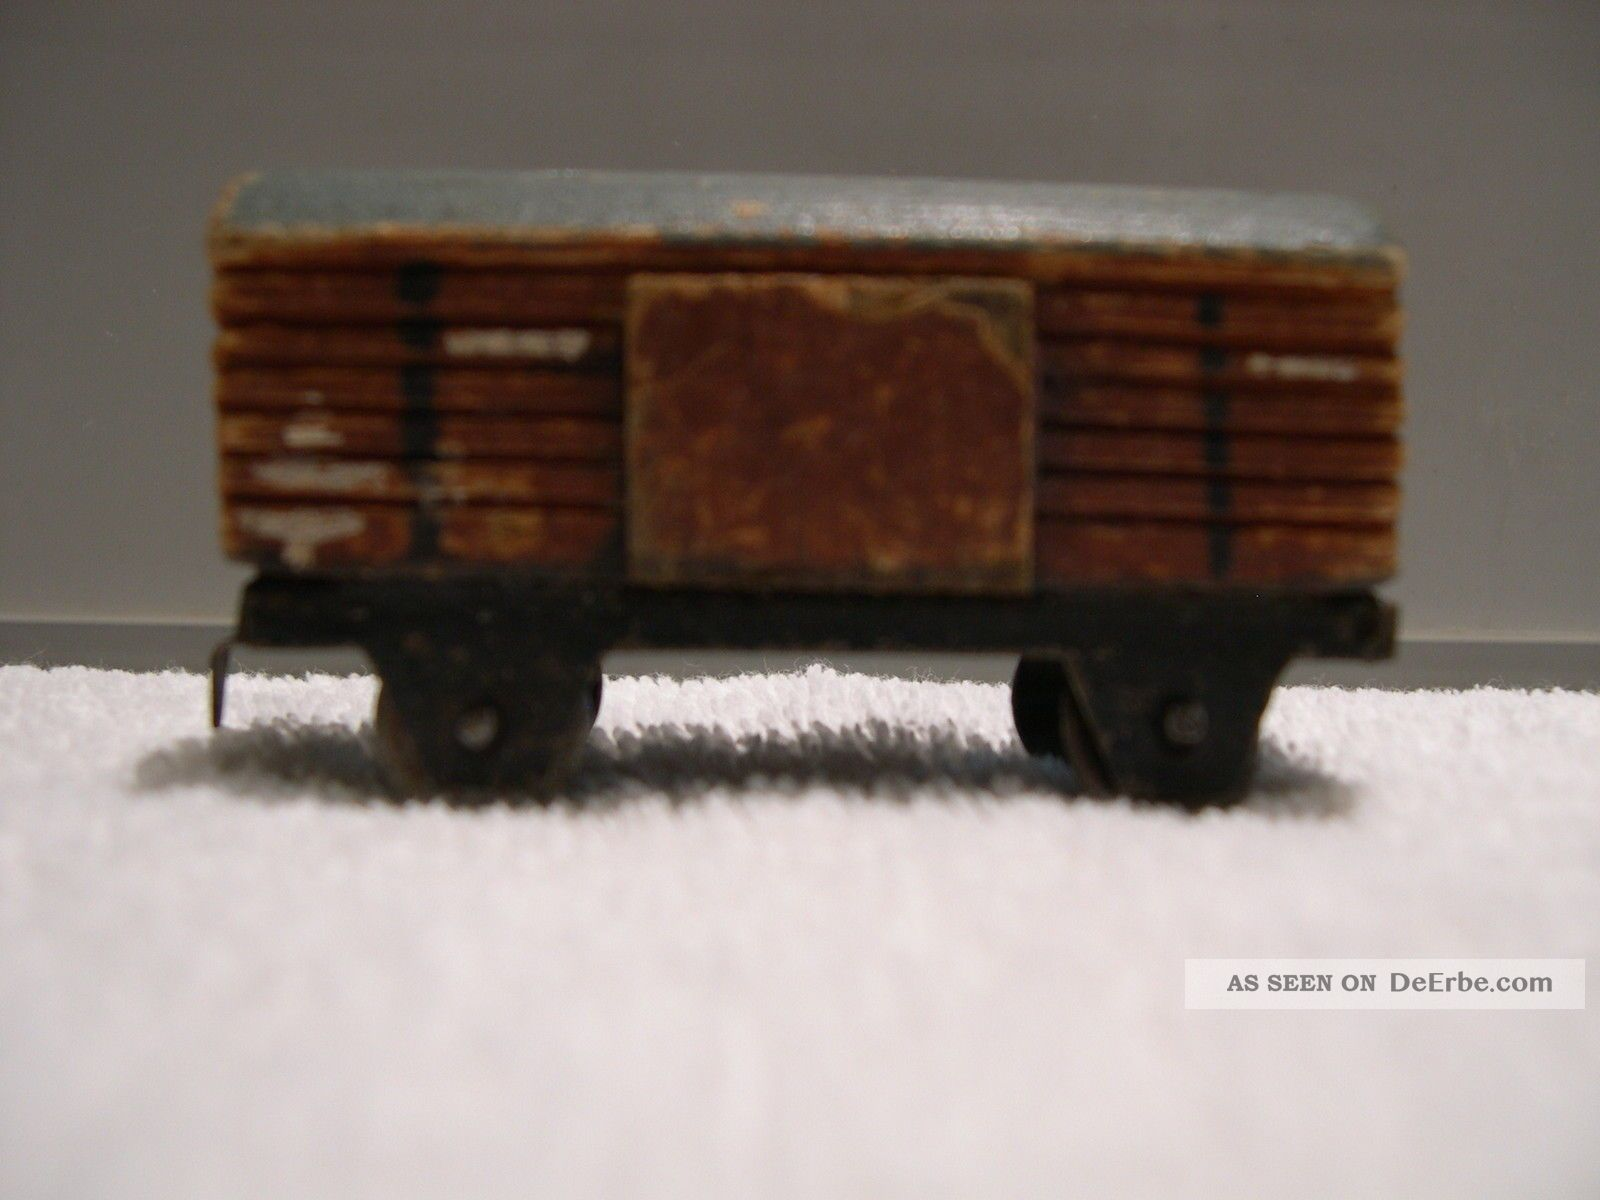 alte eisenbahn ca 1930 1940 aus holz und blech getreu mit kupplungen. Black Bedroom Furniture Sets. Home Design Ideas